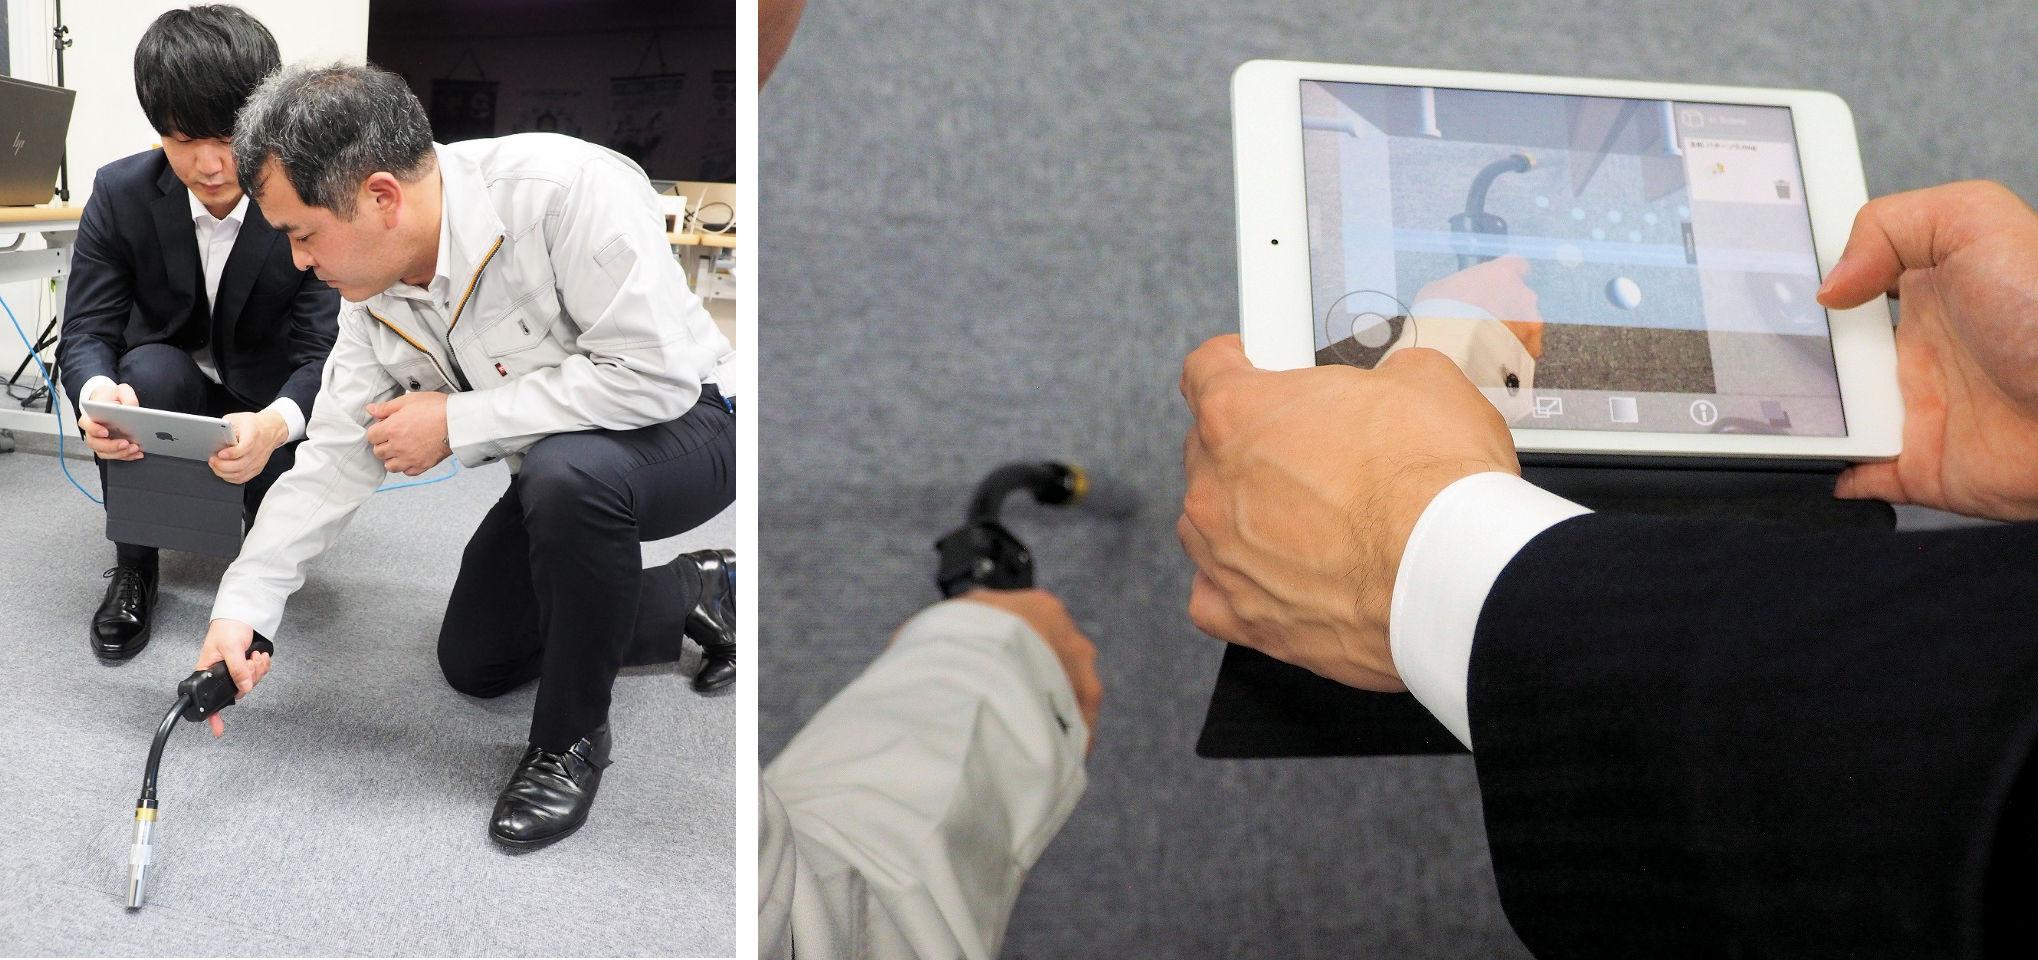 実物の溶接トーチを動かしながら(左)、mixpace iPad版で見ると橋梁の3Dモデルとトーチの現物が実物大で重なって見える(右)